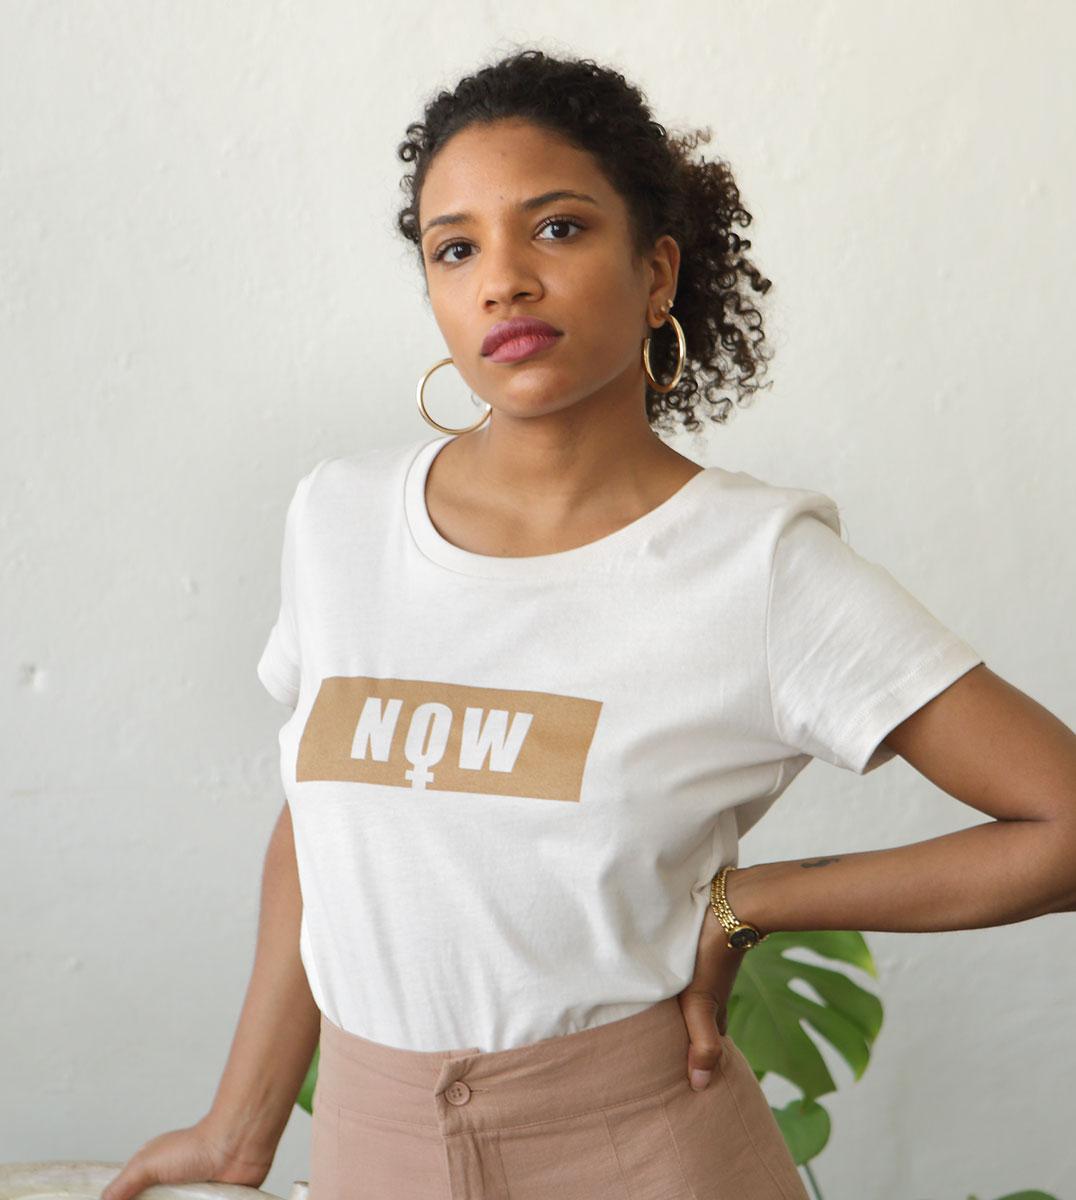 femme portant le t-shirt leonor roversi NOW blanc cassé en coton bio